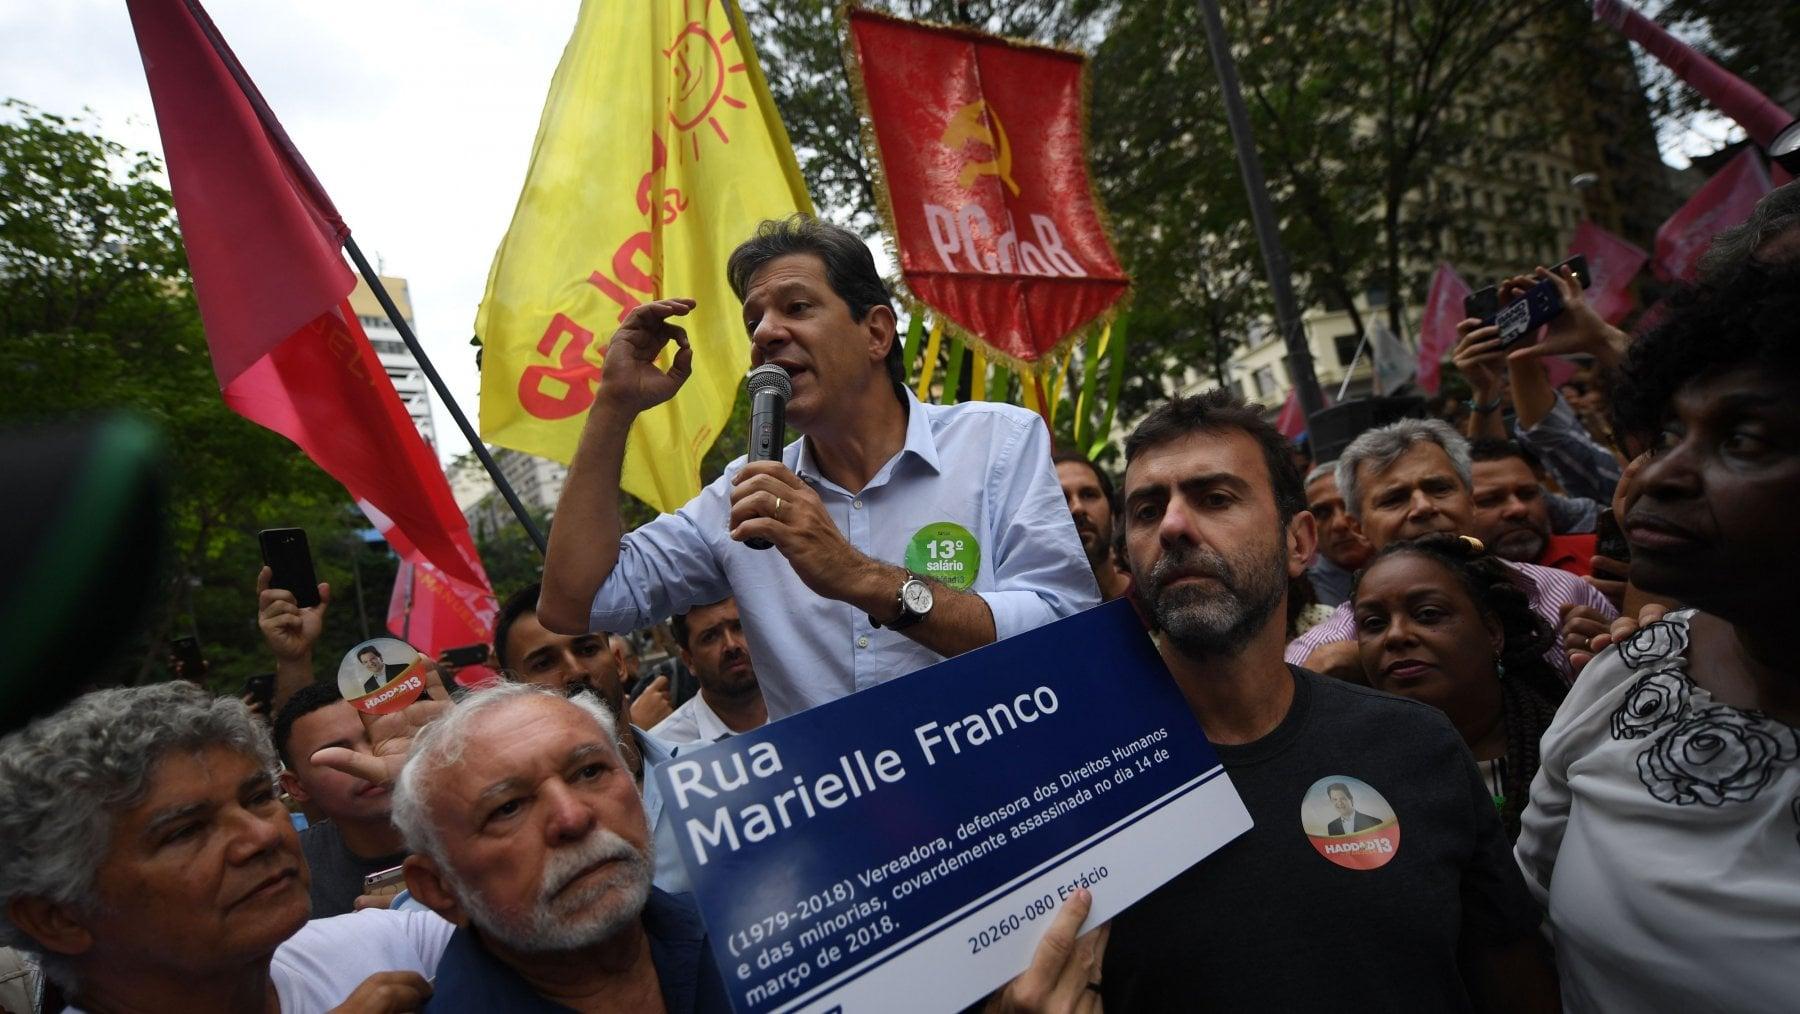 204724743 a6df87cb 7adf 42d9 81a4 d13824062416 - Brasile, la vedova di Marielle Franco eletta a Rio per continuare la battaglia dell'attivista uccisa